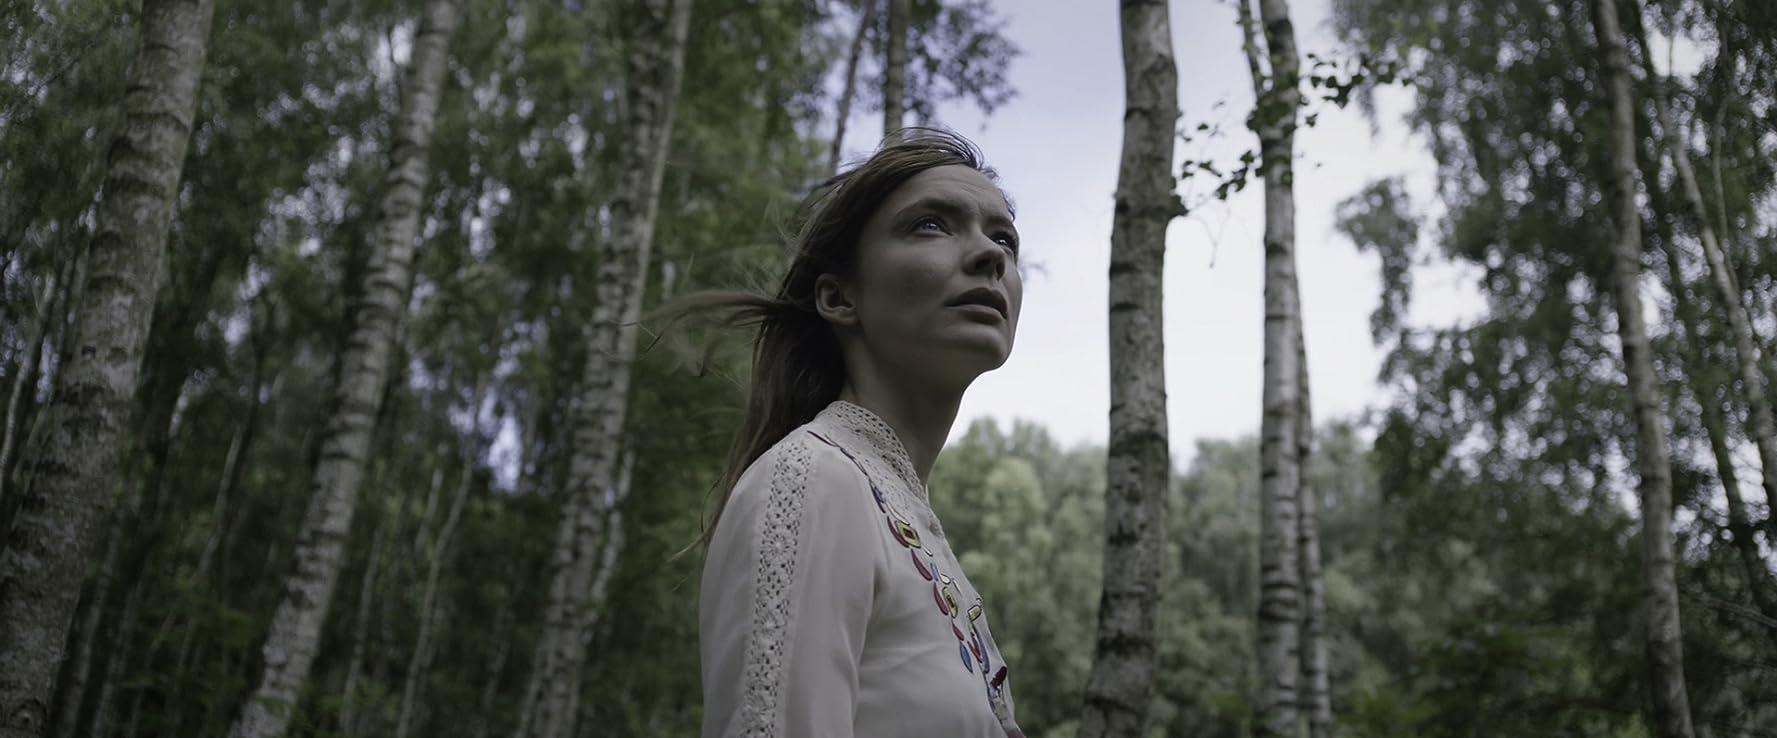 Neel Rønholt in Thorn (2017)